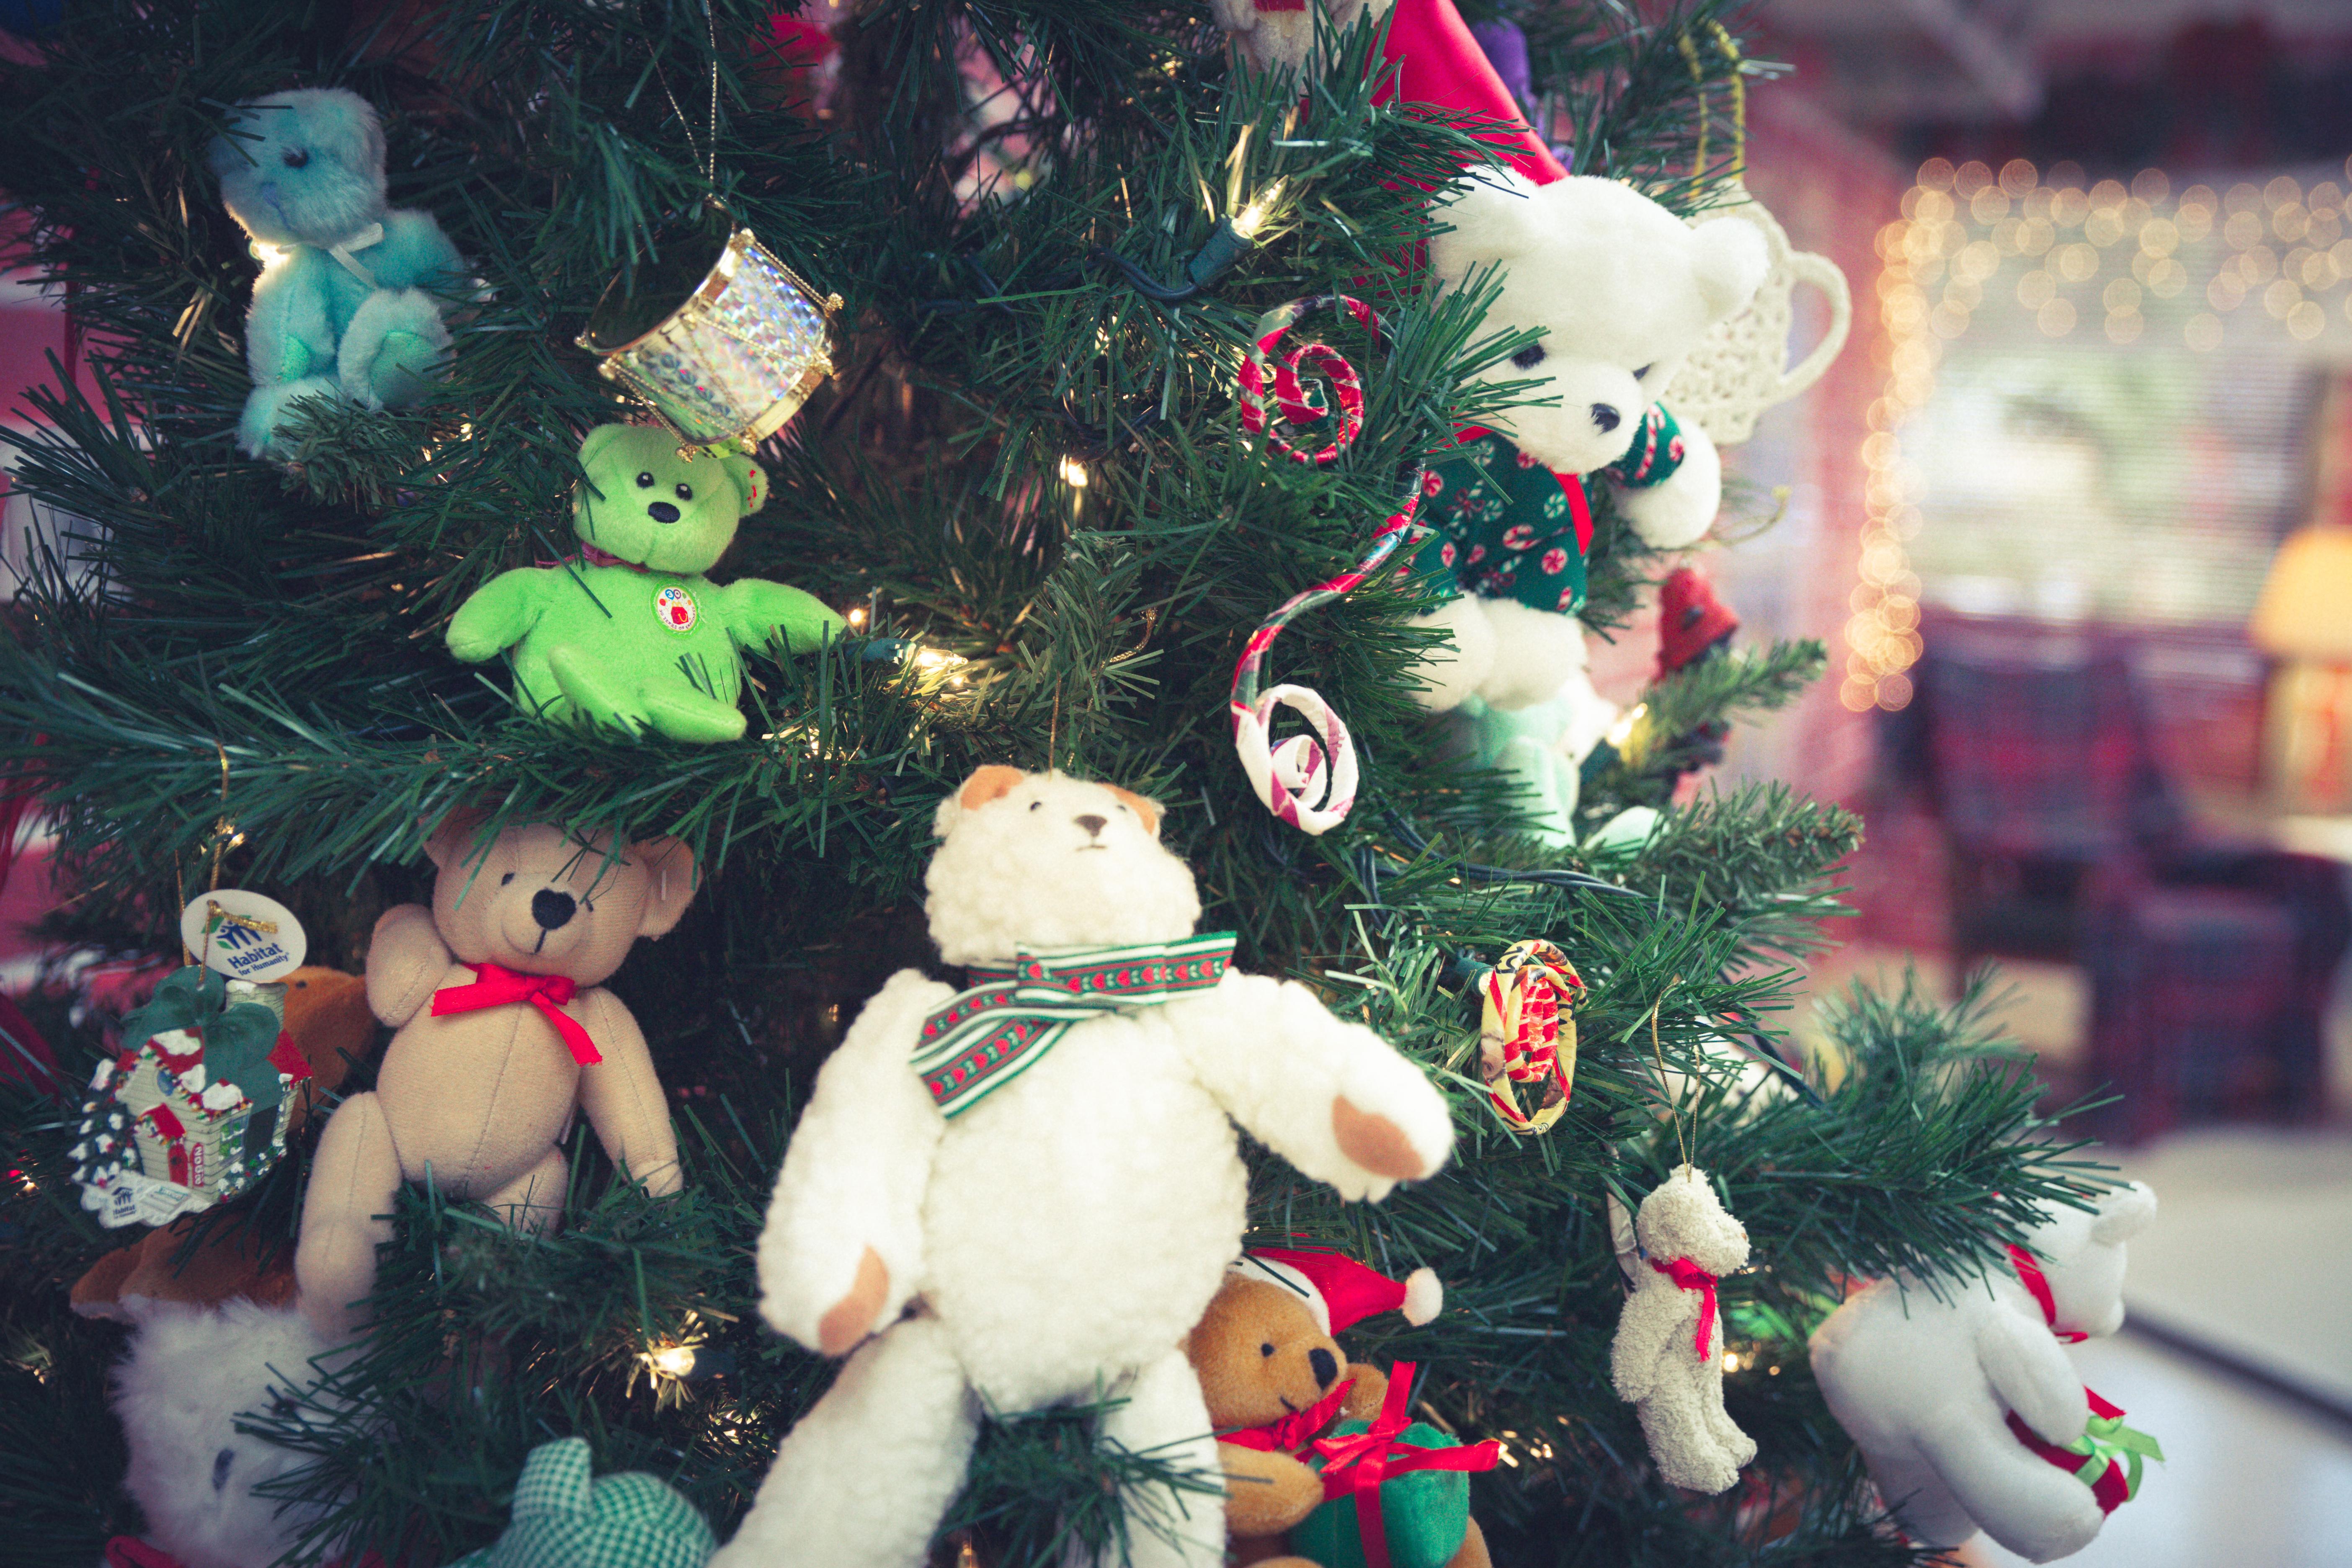 """Festive holiday decor adorns """"Bearland"""" at the annual Teddy Bear Tea event."""